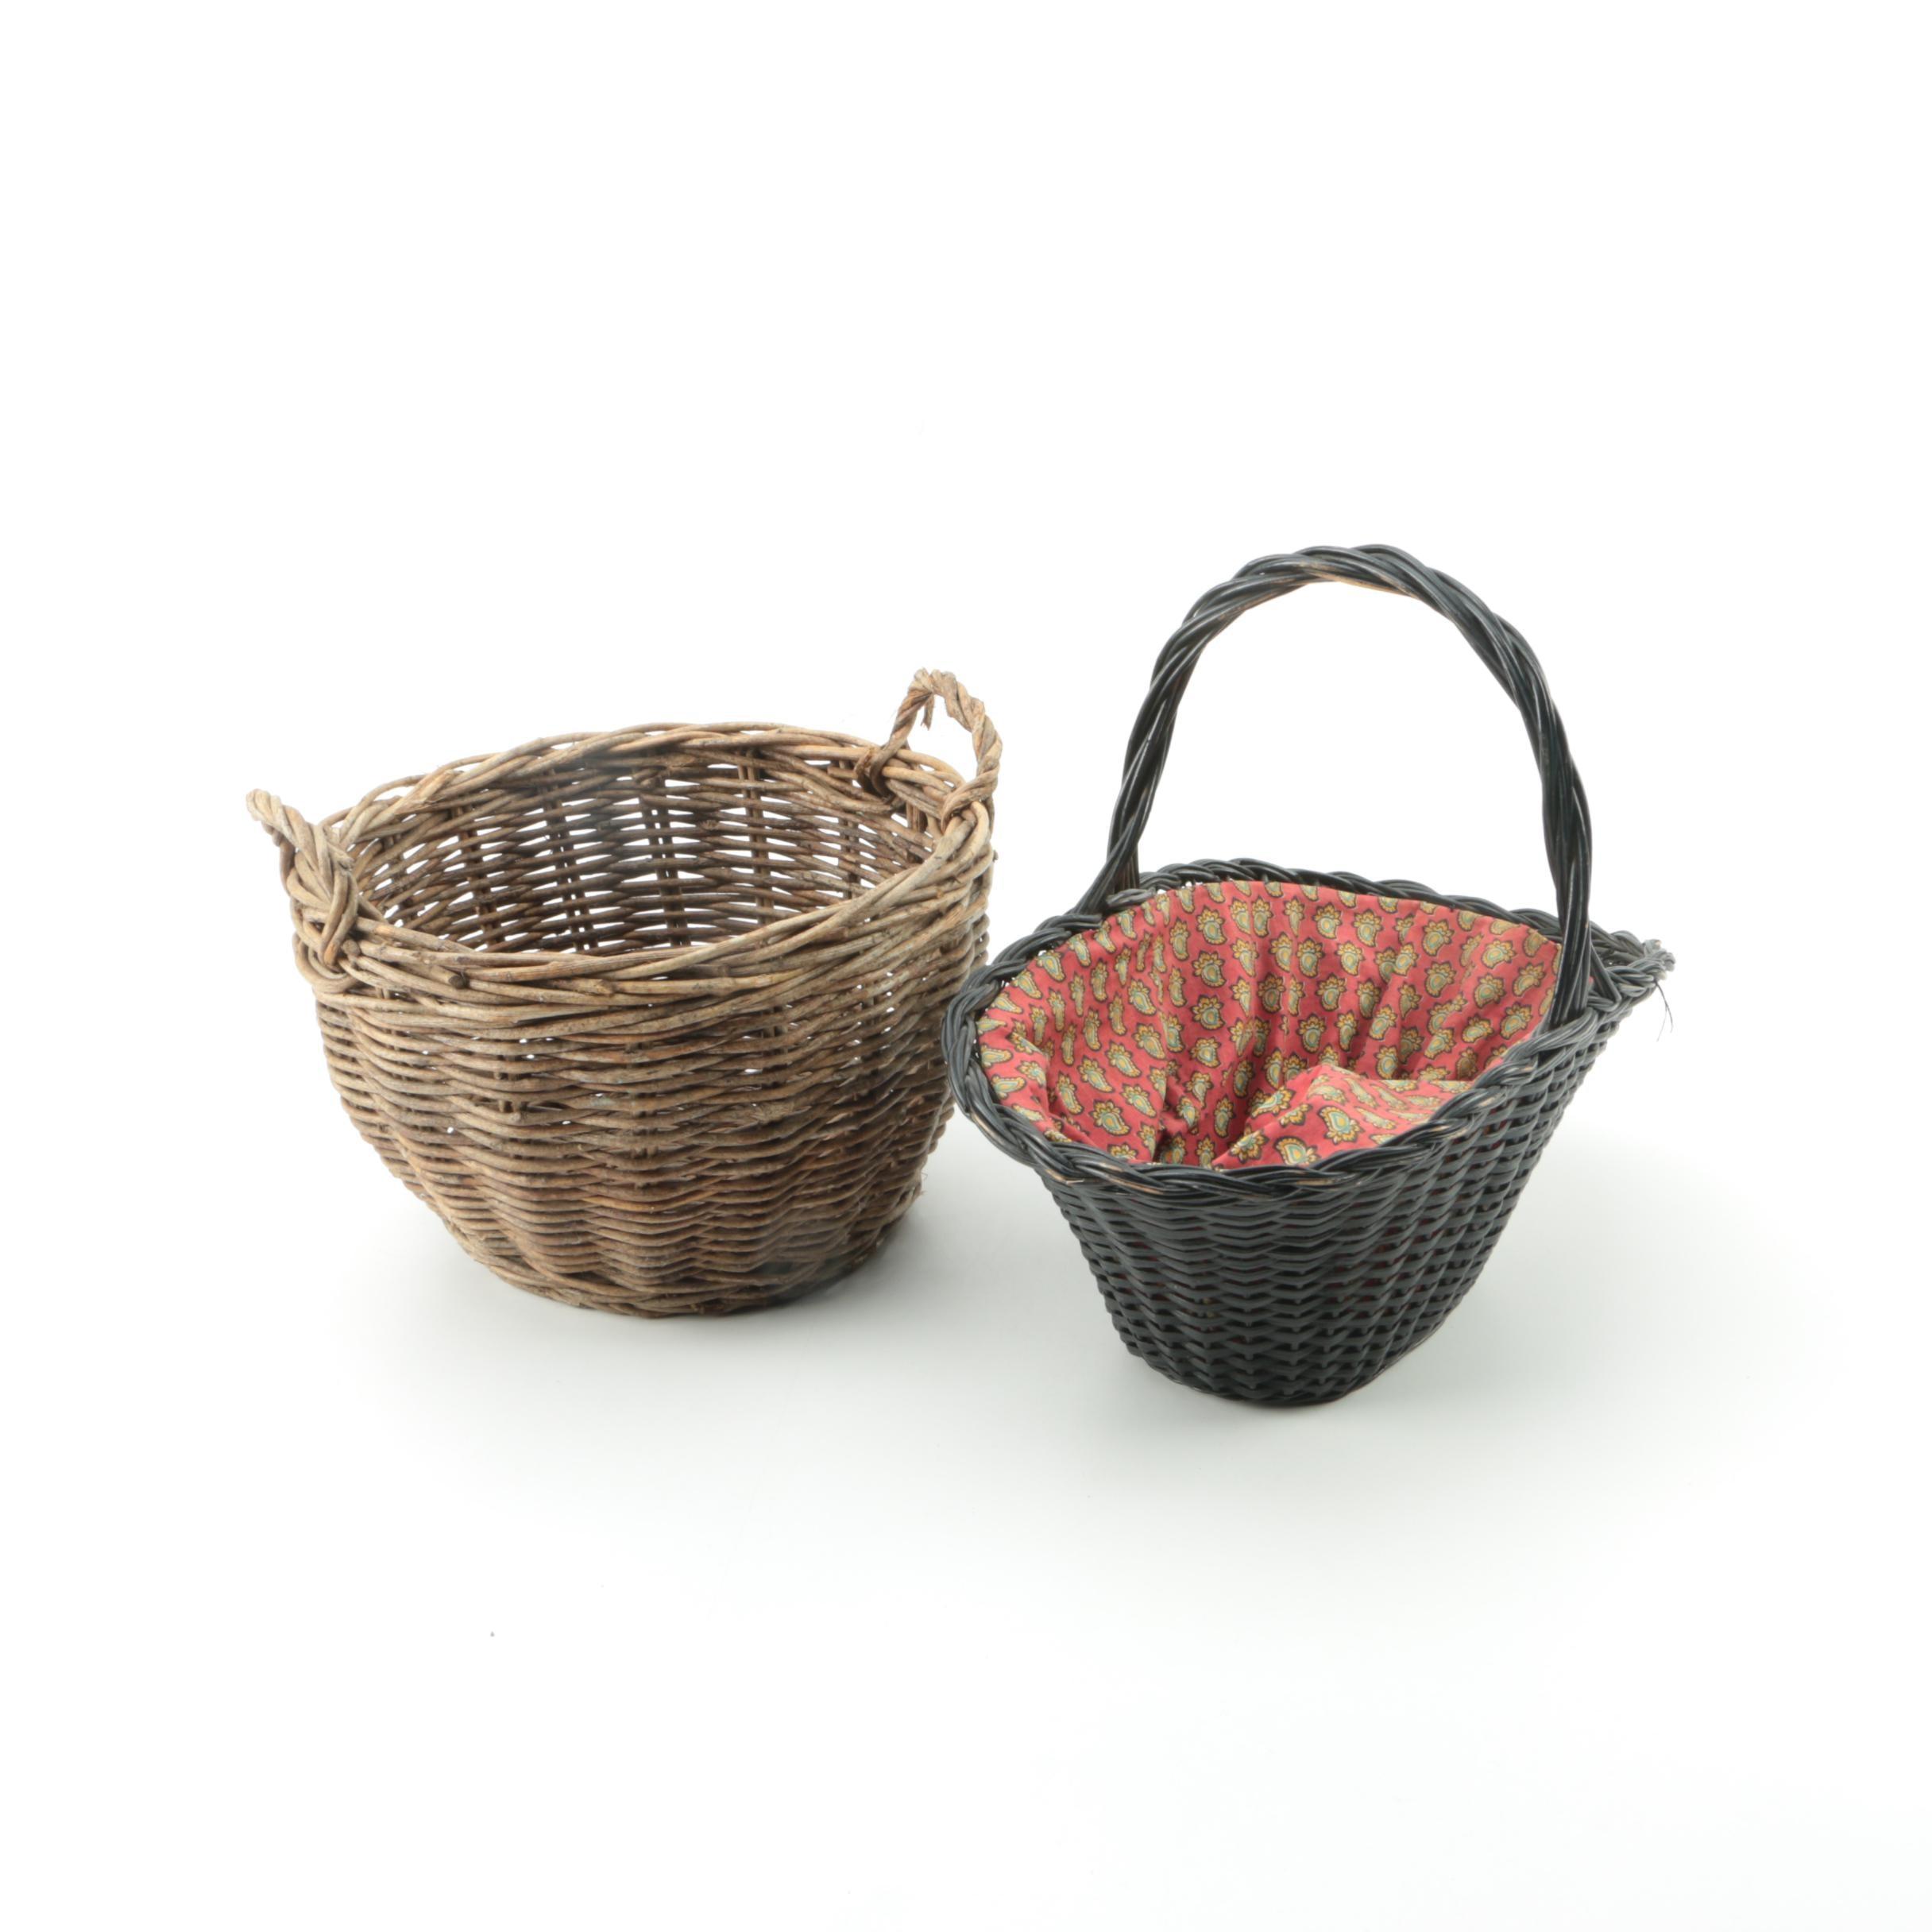 Woven Wicker Handled Baskets